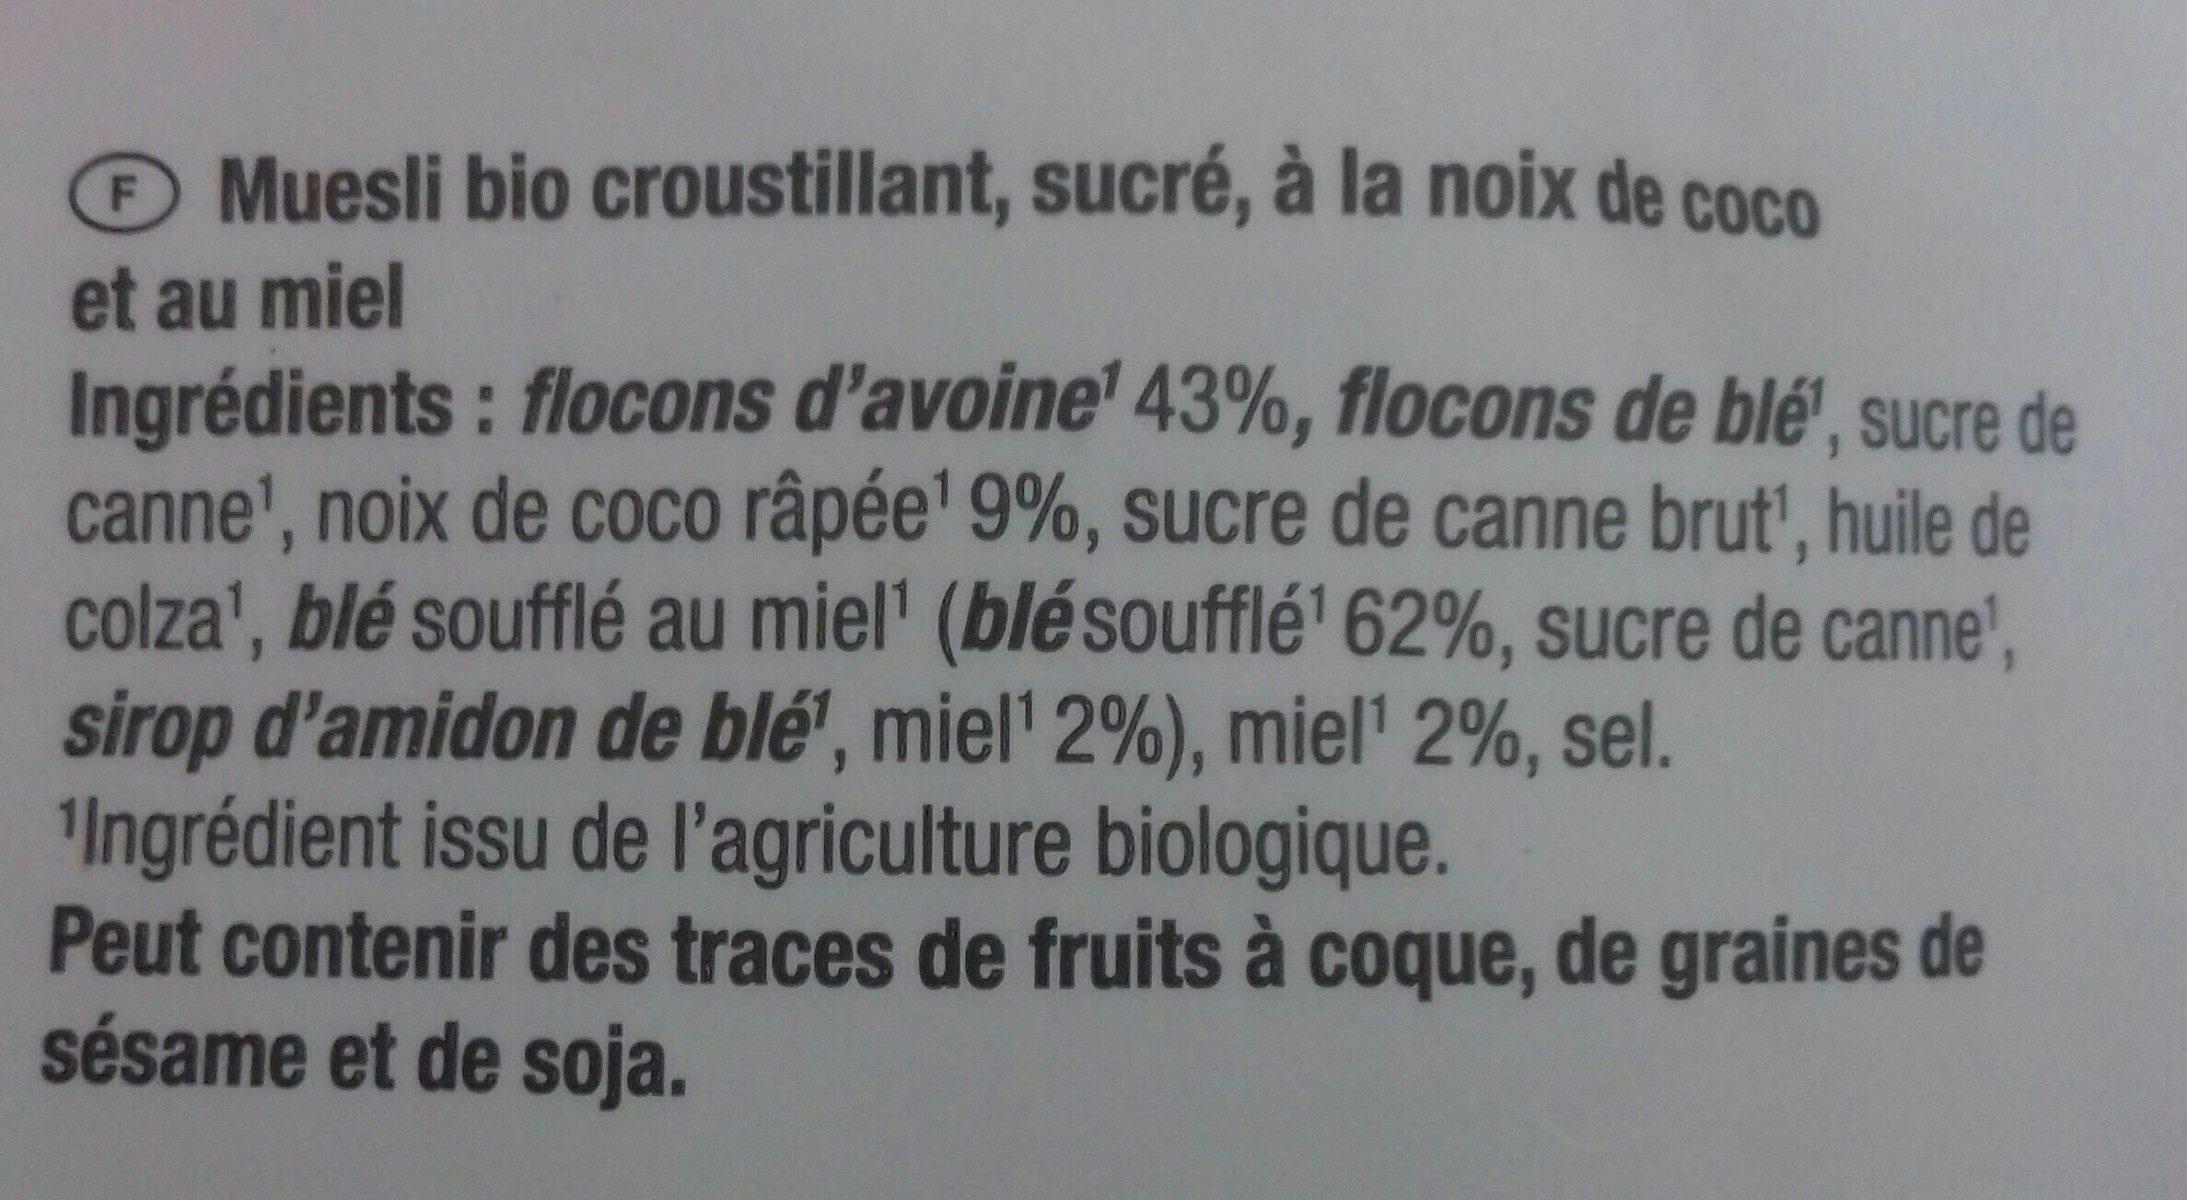 Muesli bio croustillant, sucré, à la noix de coco et au miel - Ingredienti - fr